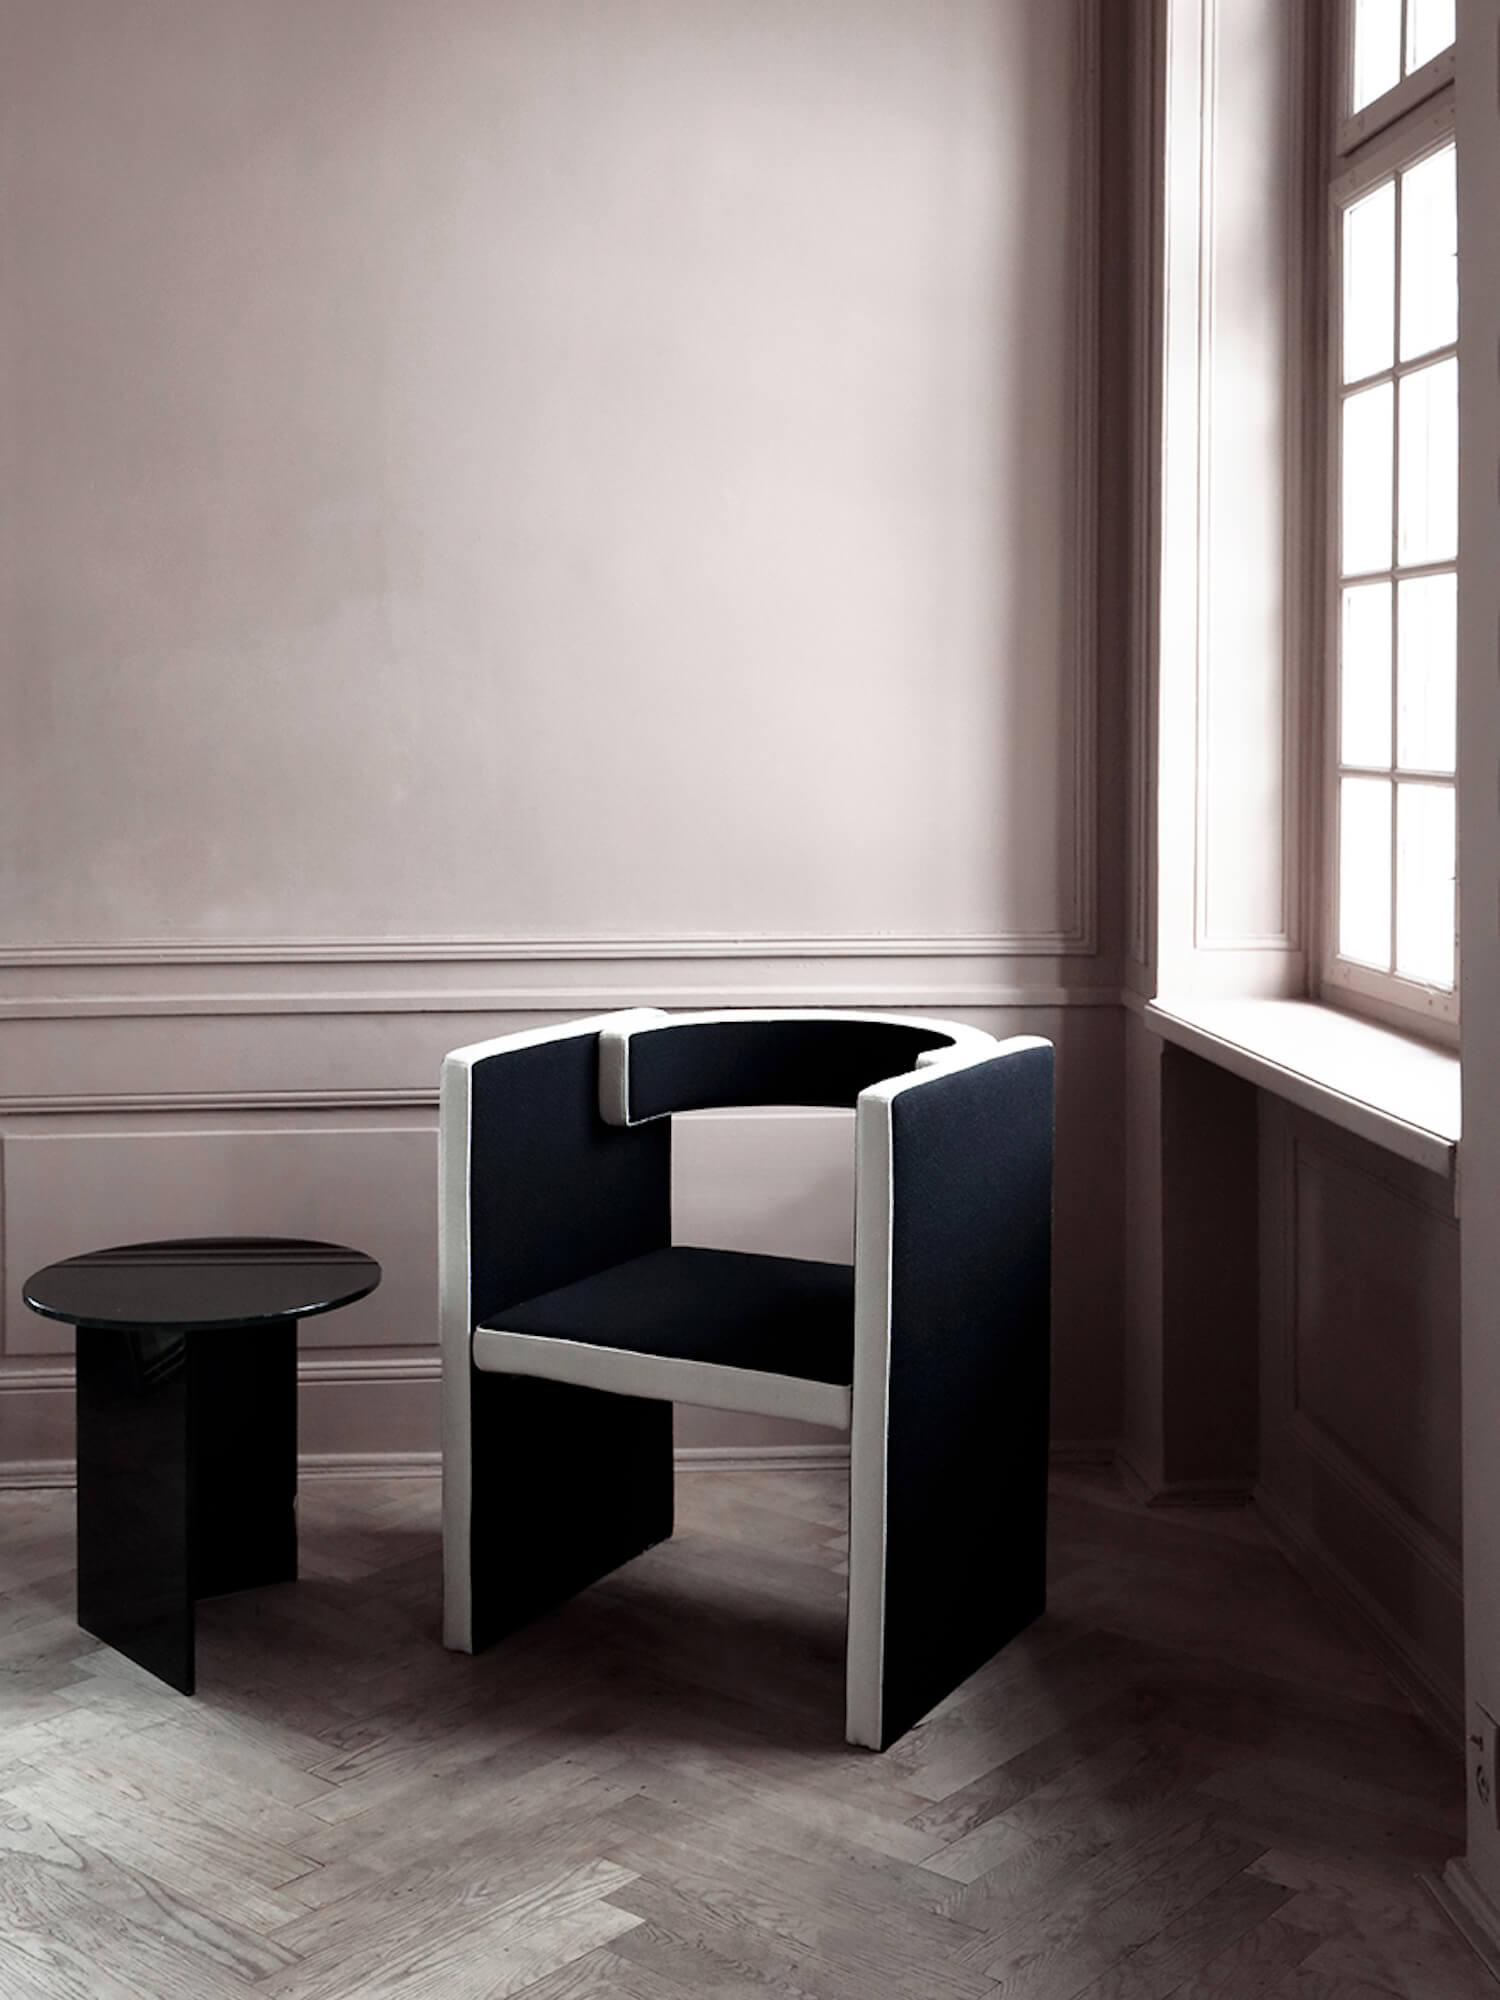 Chair designs 11